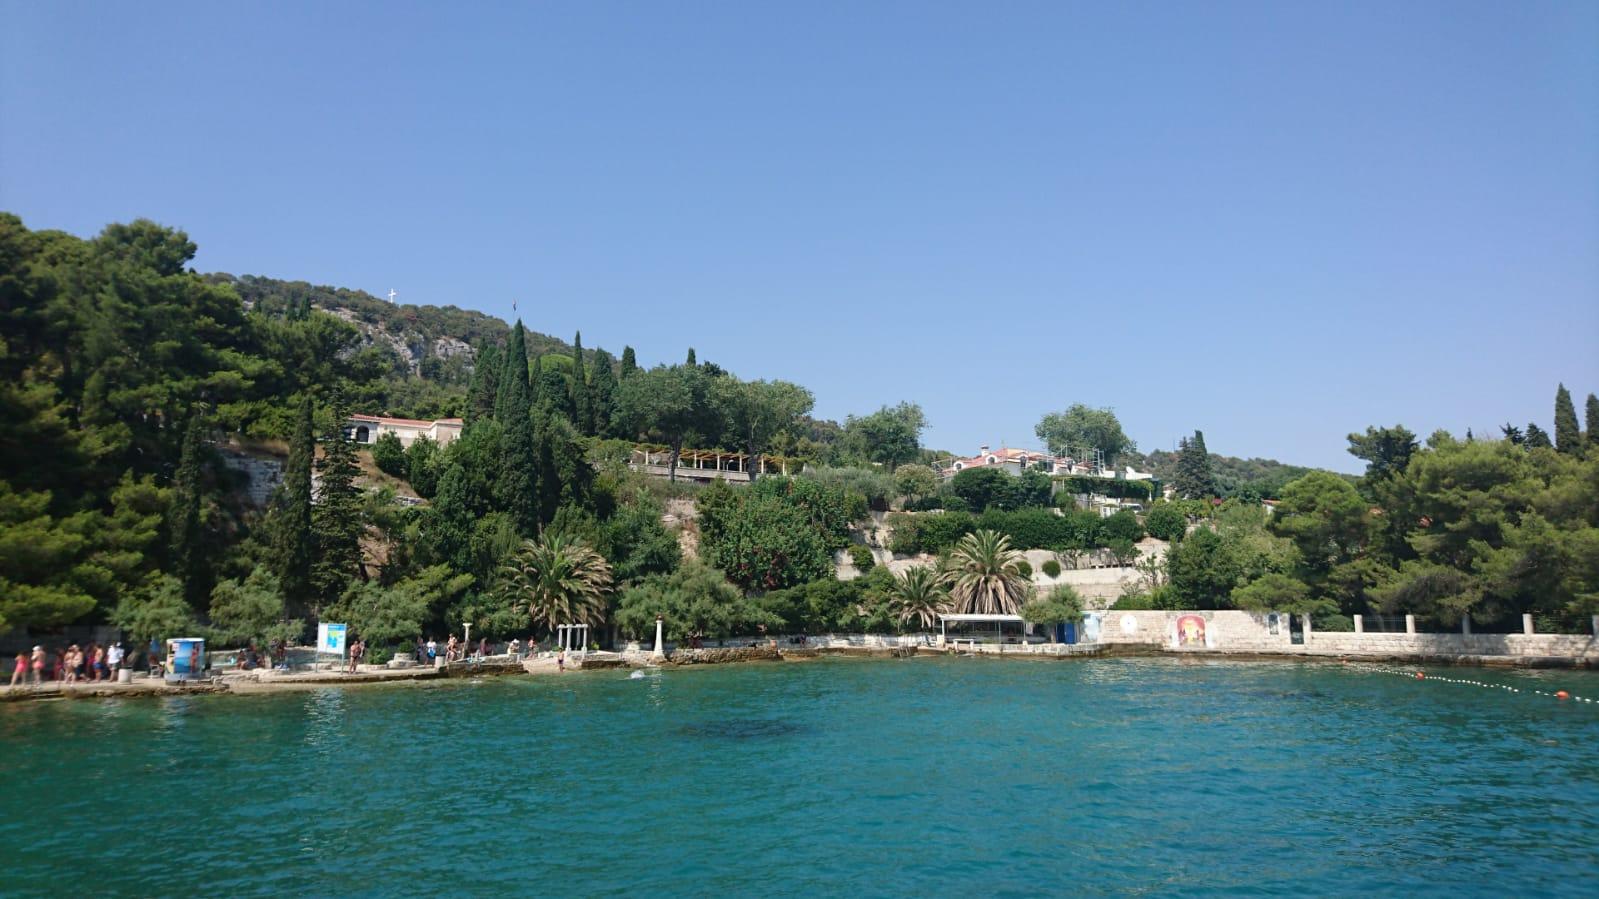 Gay Beaches Split: Natürlich gibt es in der Region auch schwule Strände